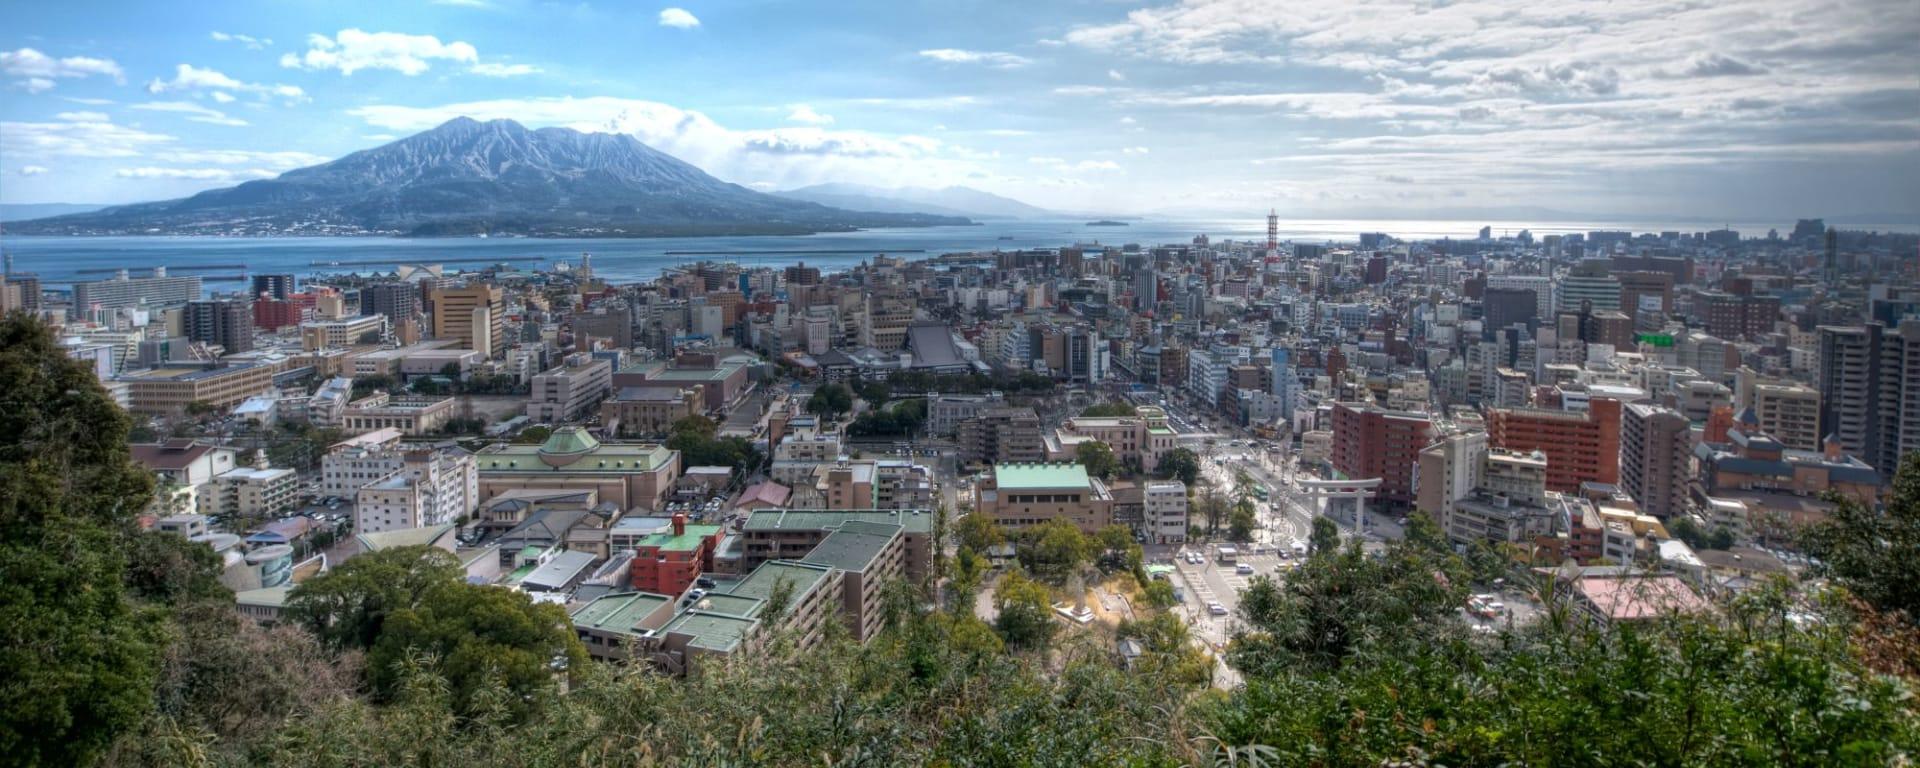 Les hauts lieux du Japon avec prolongation de Tokyo: Kagoshima city with Sakurajima Volcano